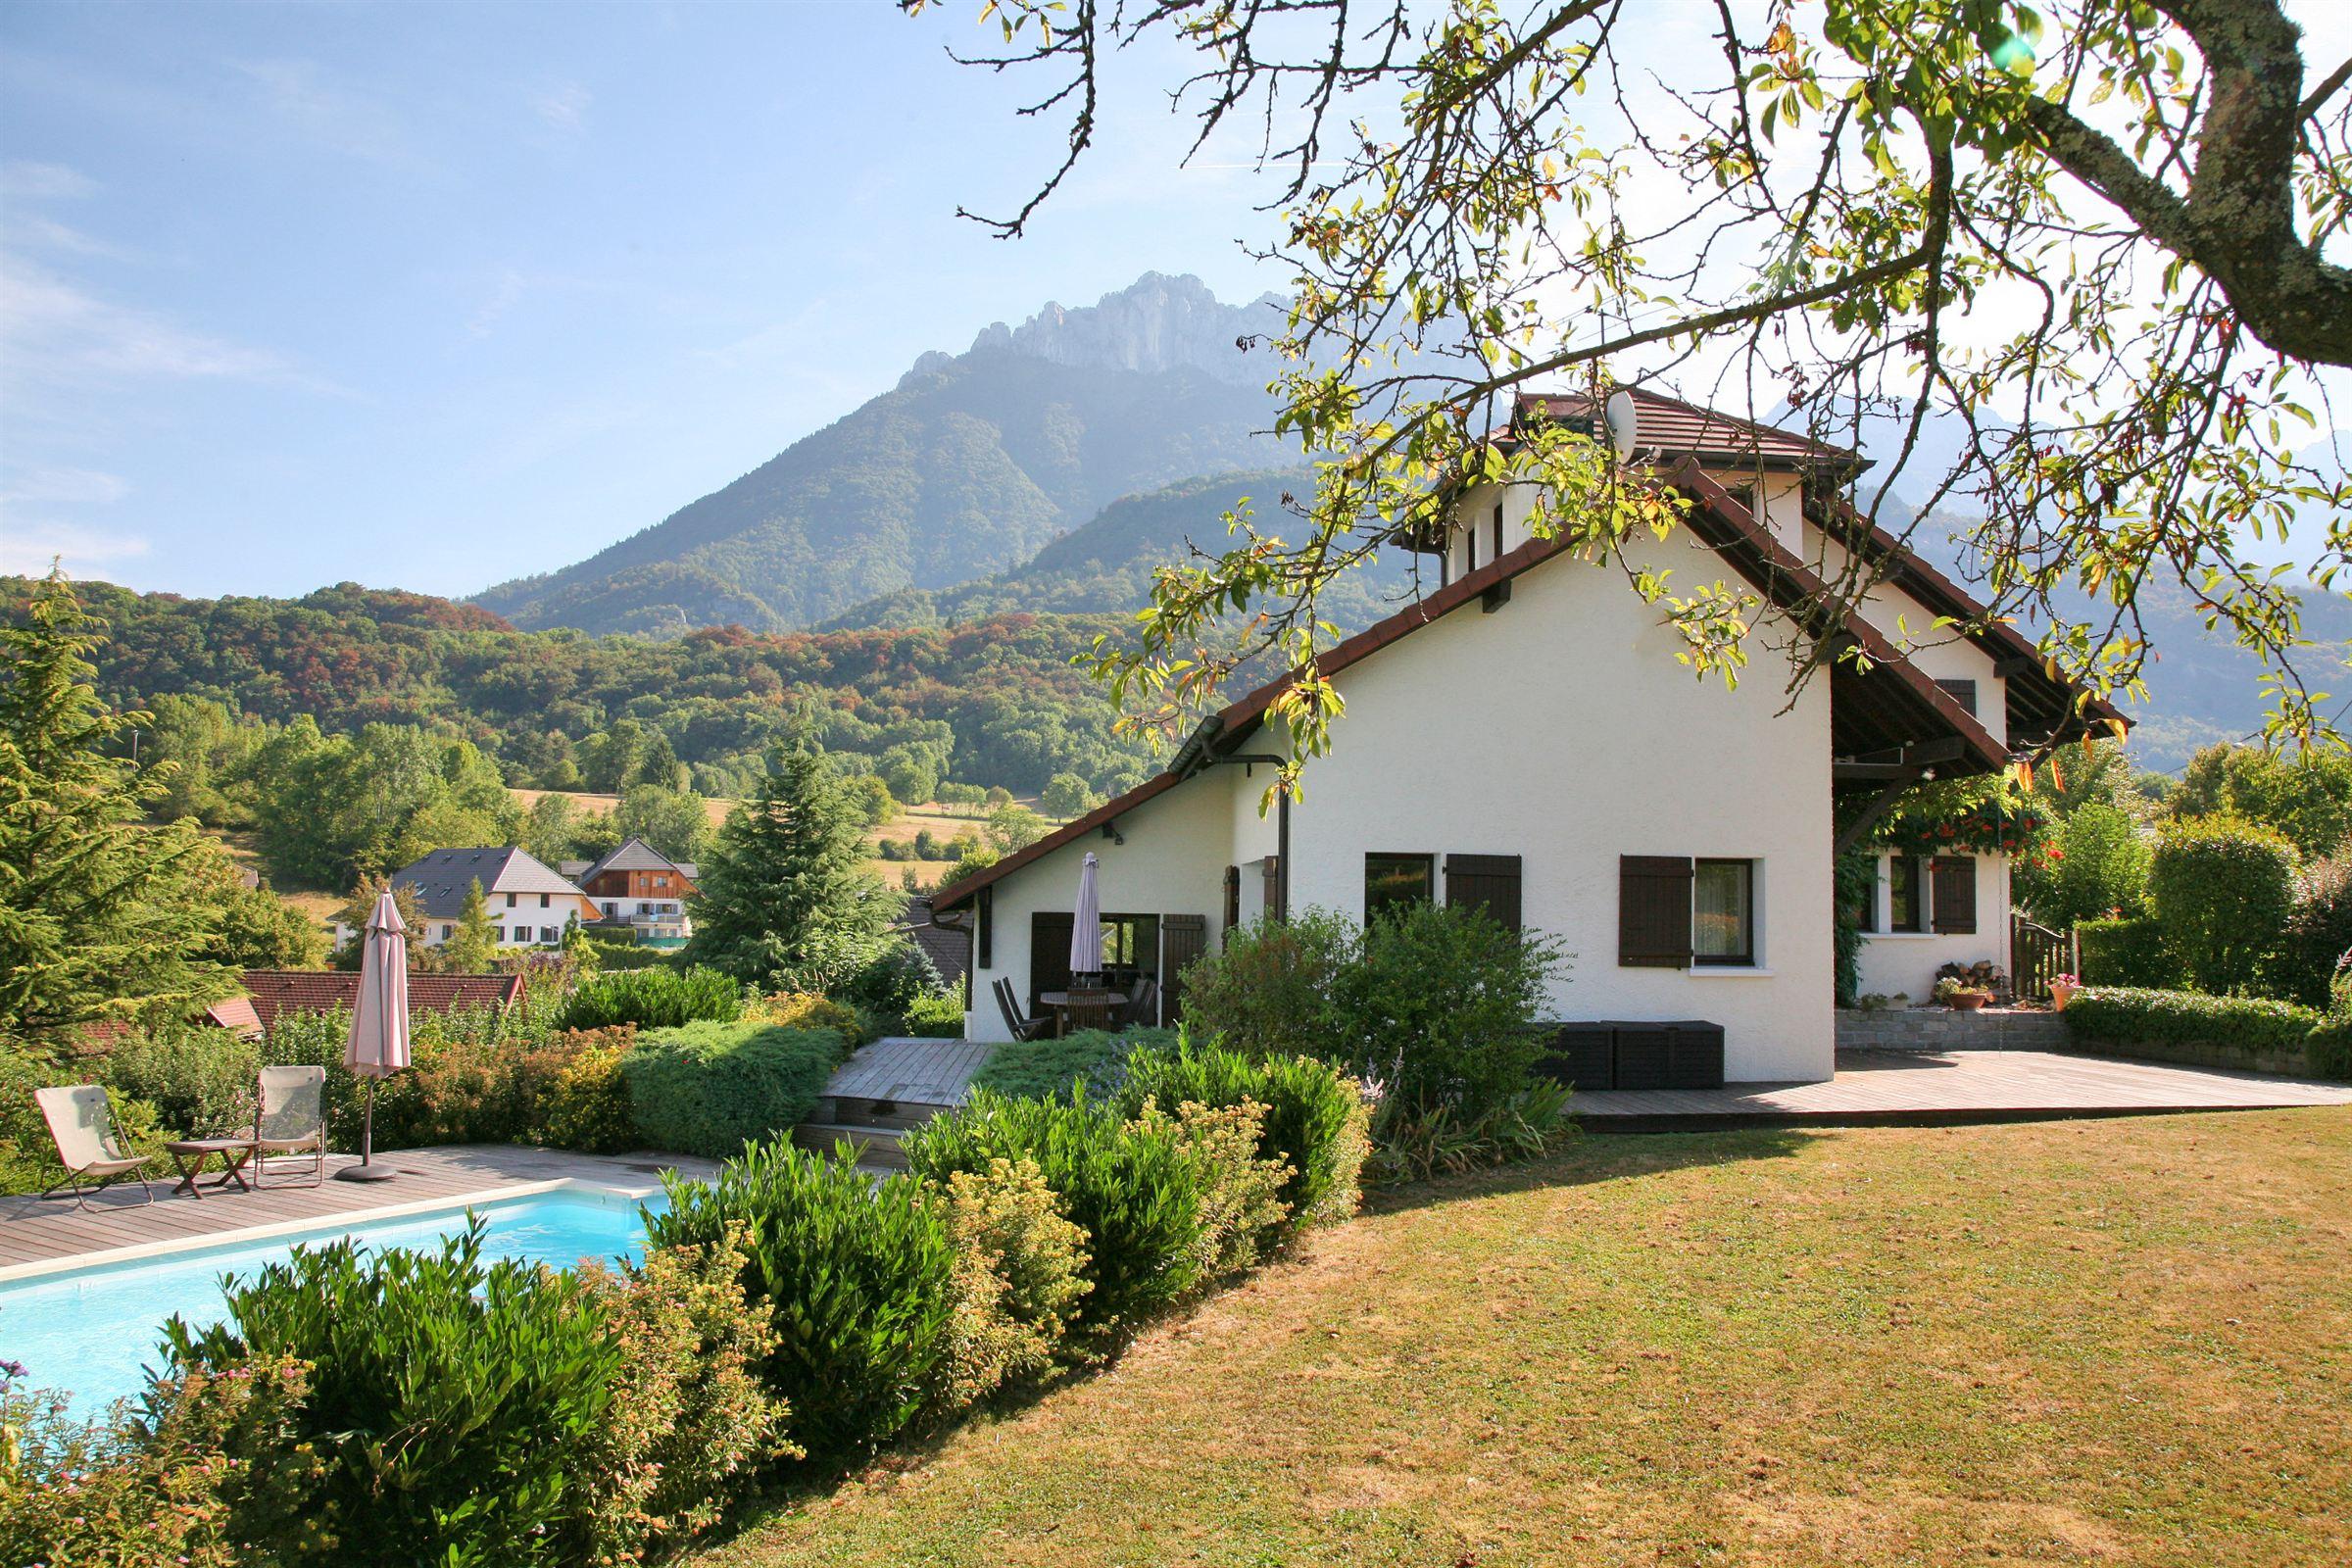 단독 가정 주택 용 매매 에 Quality villa with fine finishes, lakeview and mountainview, heated pool Talloires, 론 알프스, 74290 프랑스